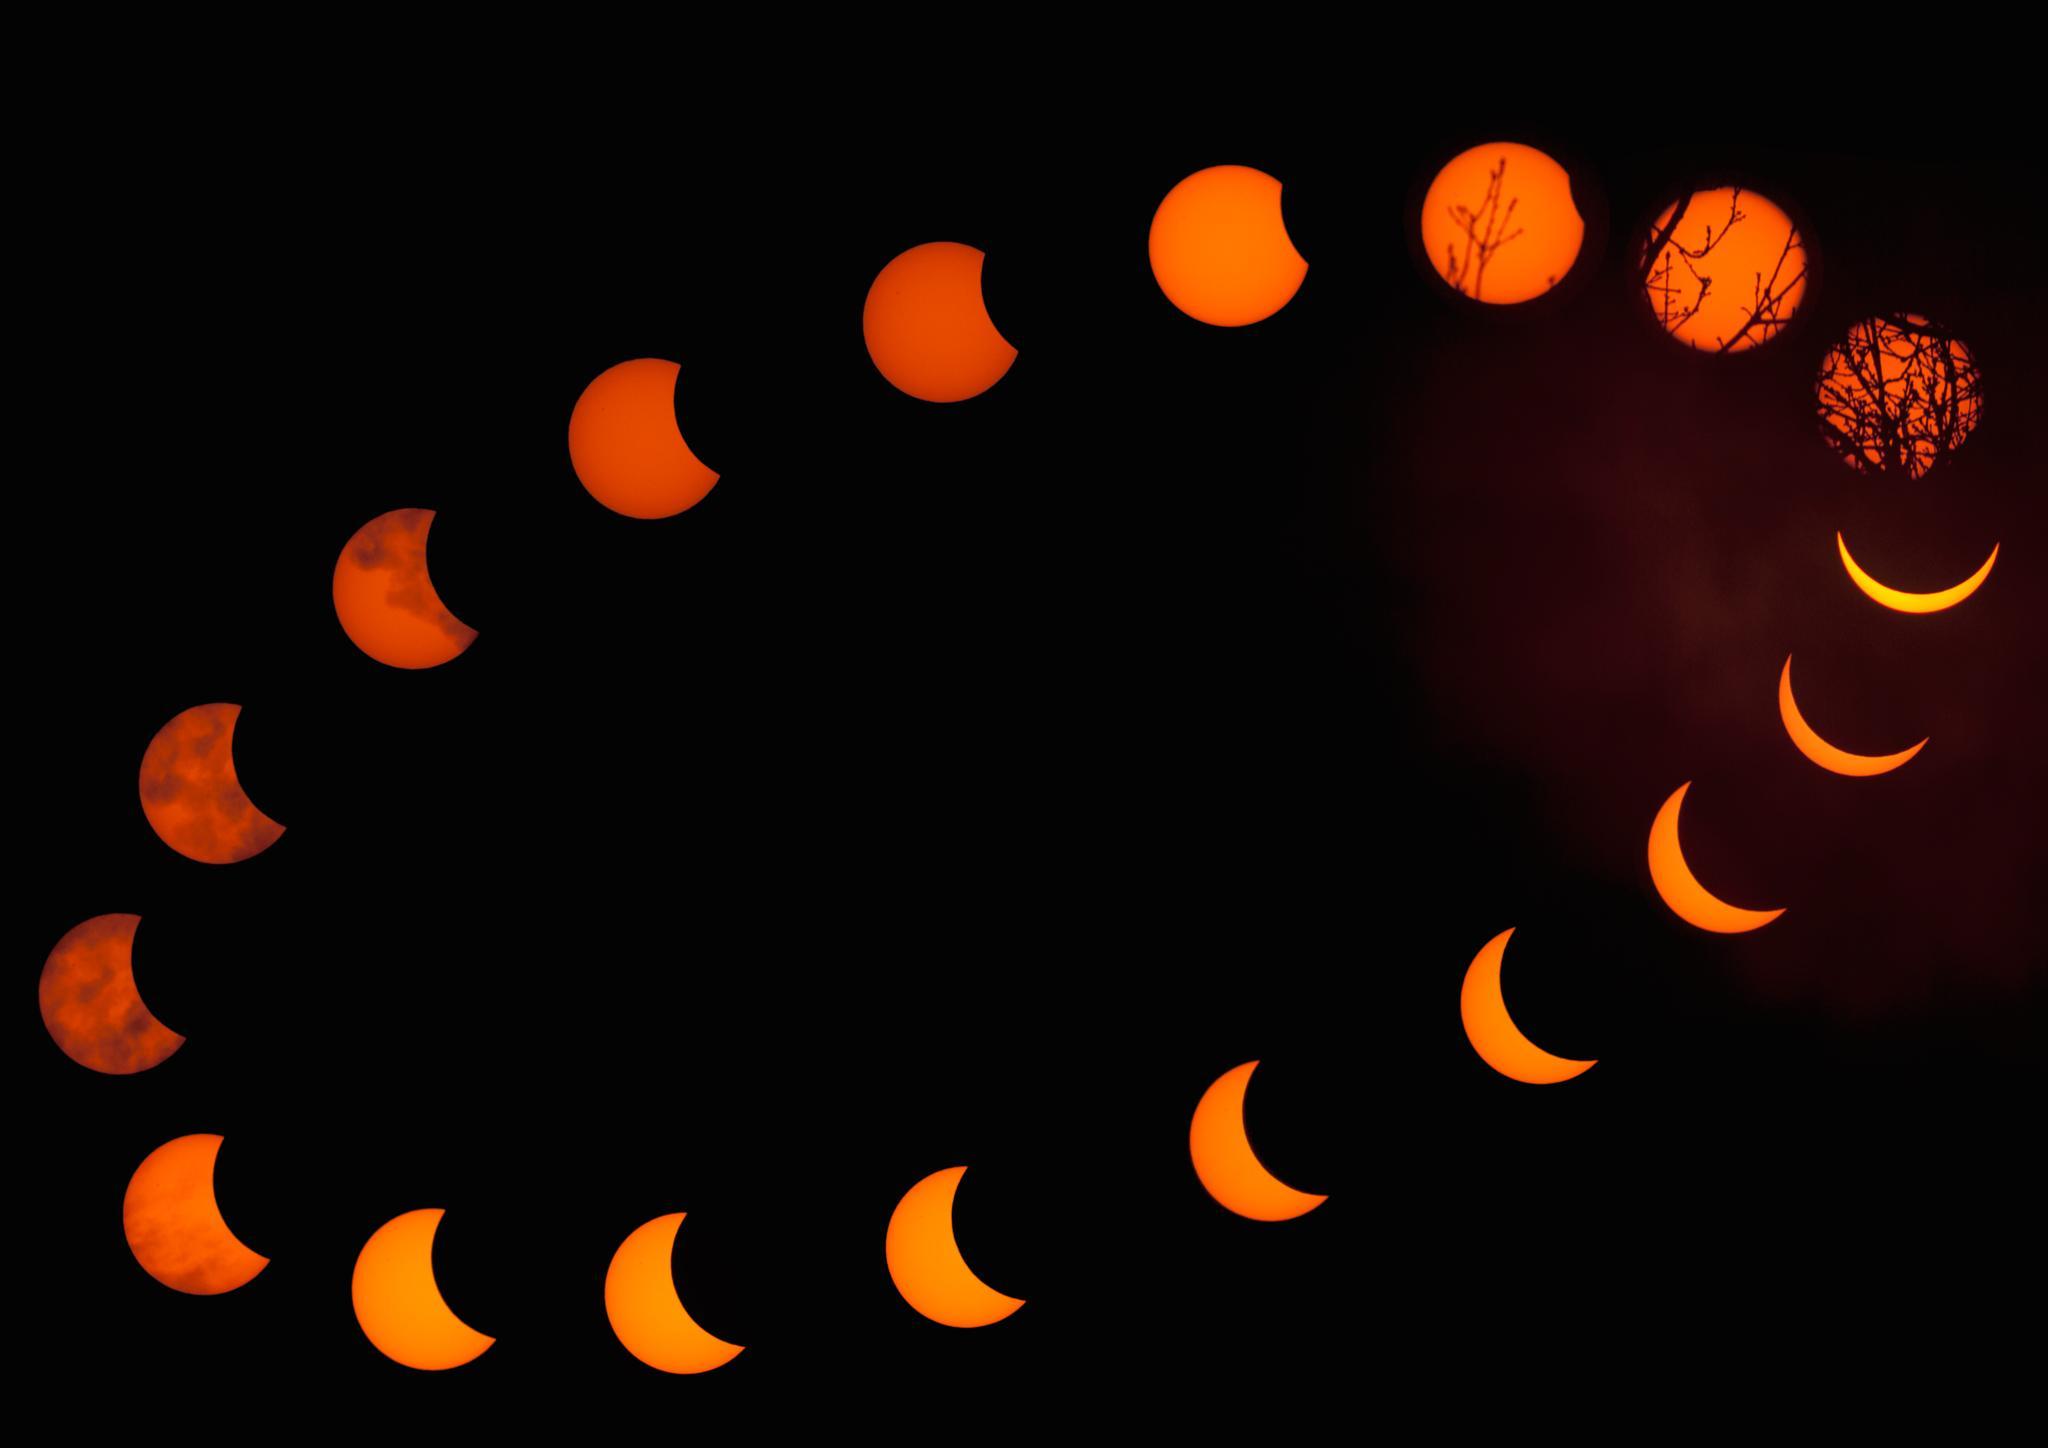 Solar Eclipse March 20th 2015 by Craig Jones